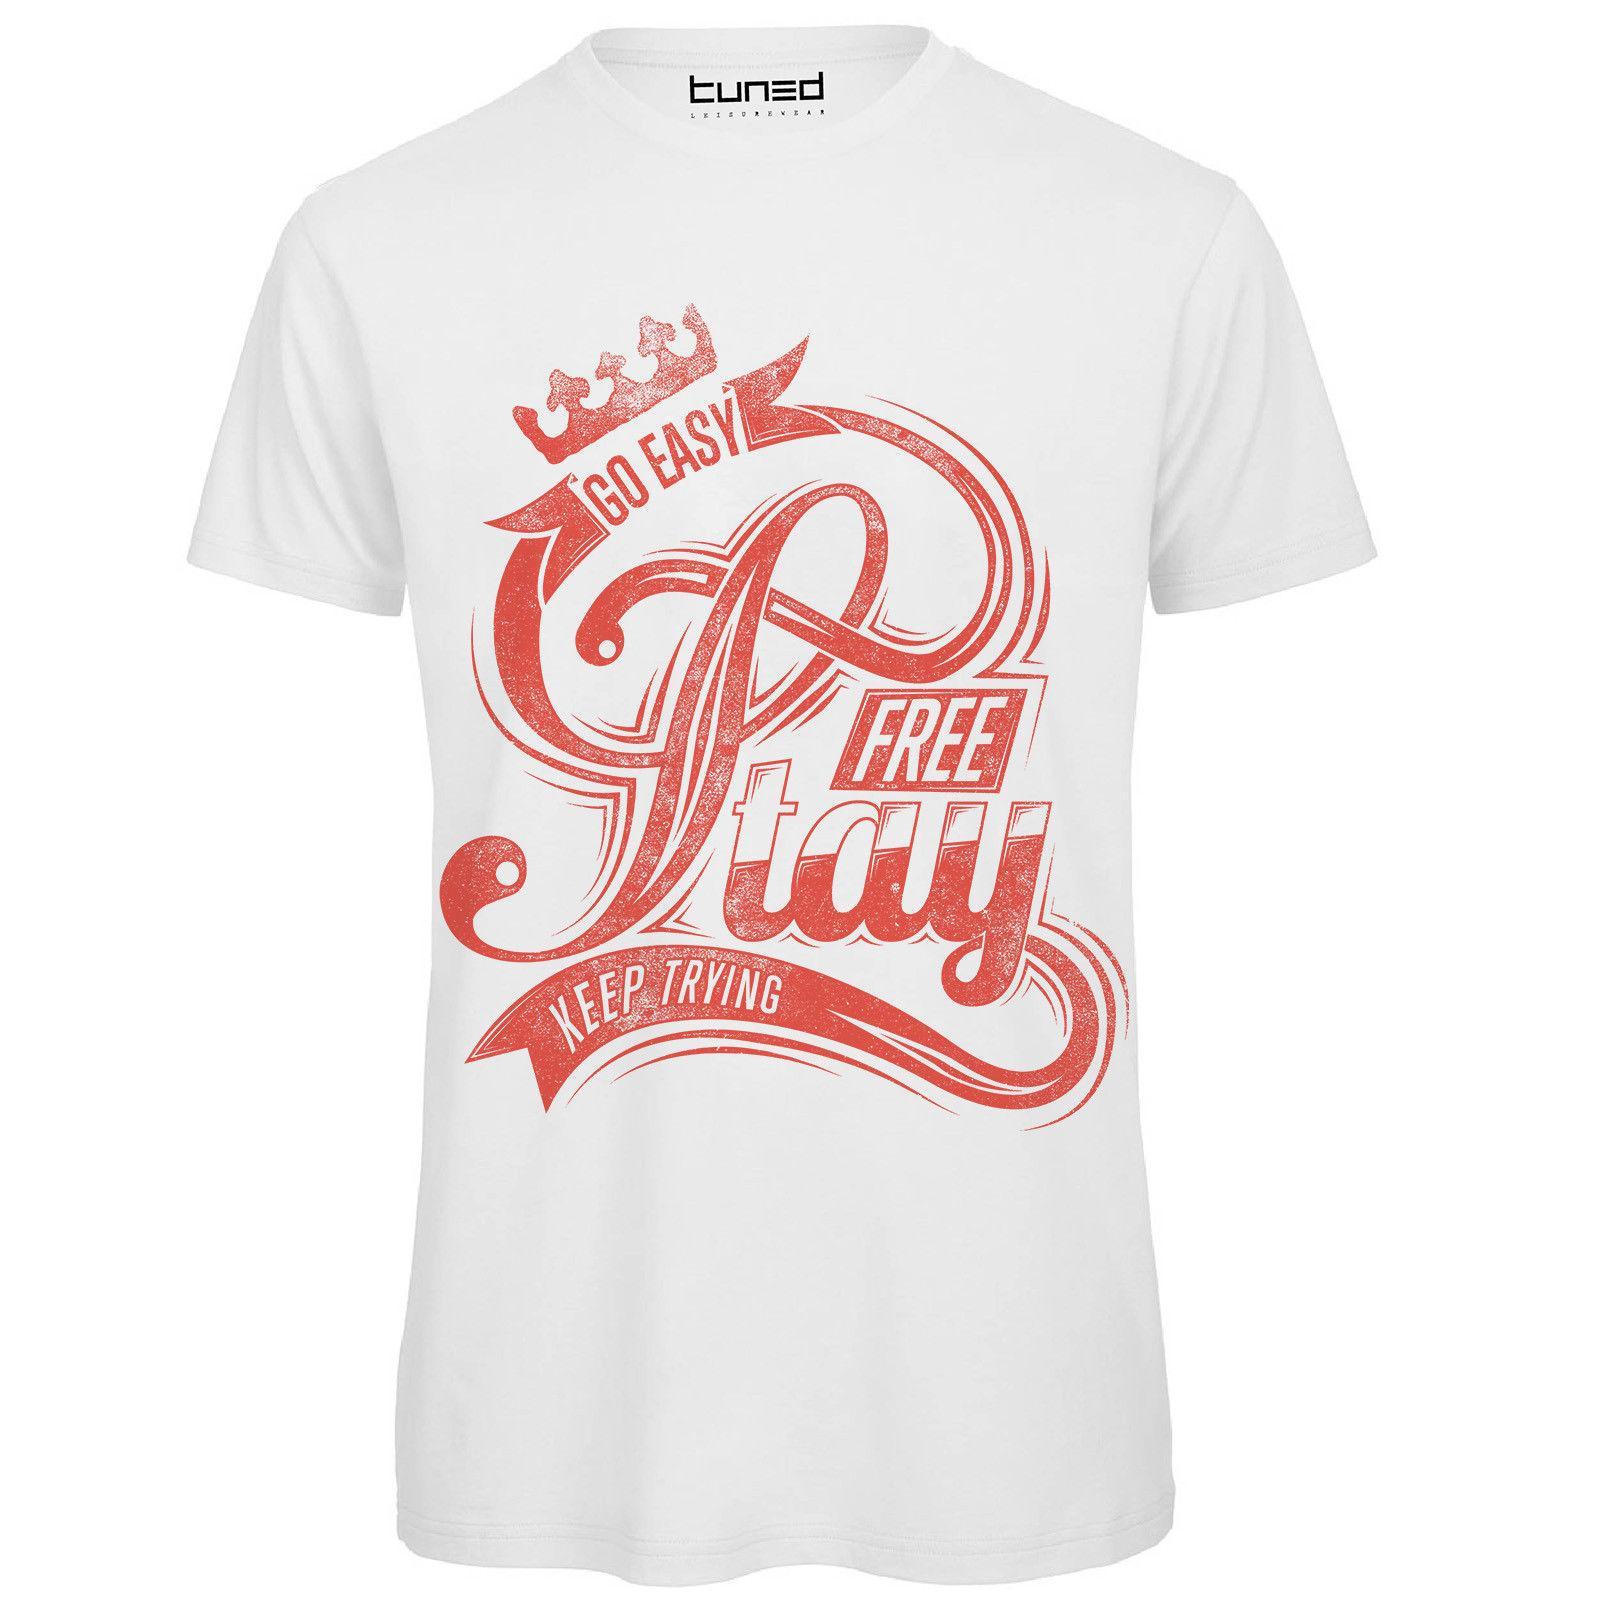 b3860e6b1e T-shirt Divertente Uomo Maglietta Cotone Con Stampa Frase Ironica Go Easy  Tuned Tops Maglietta Homme Top Tee